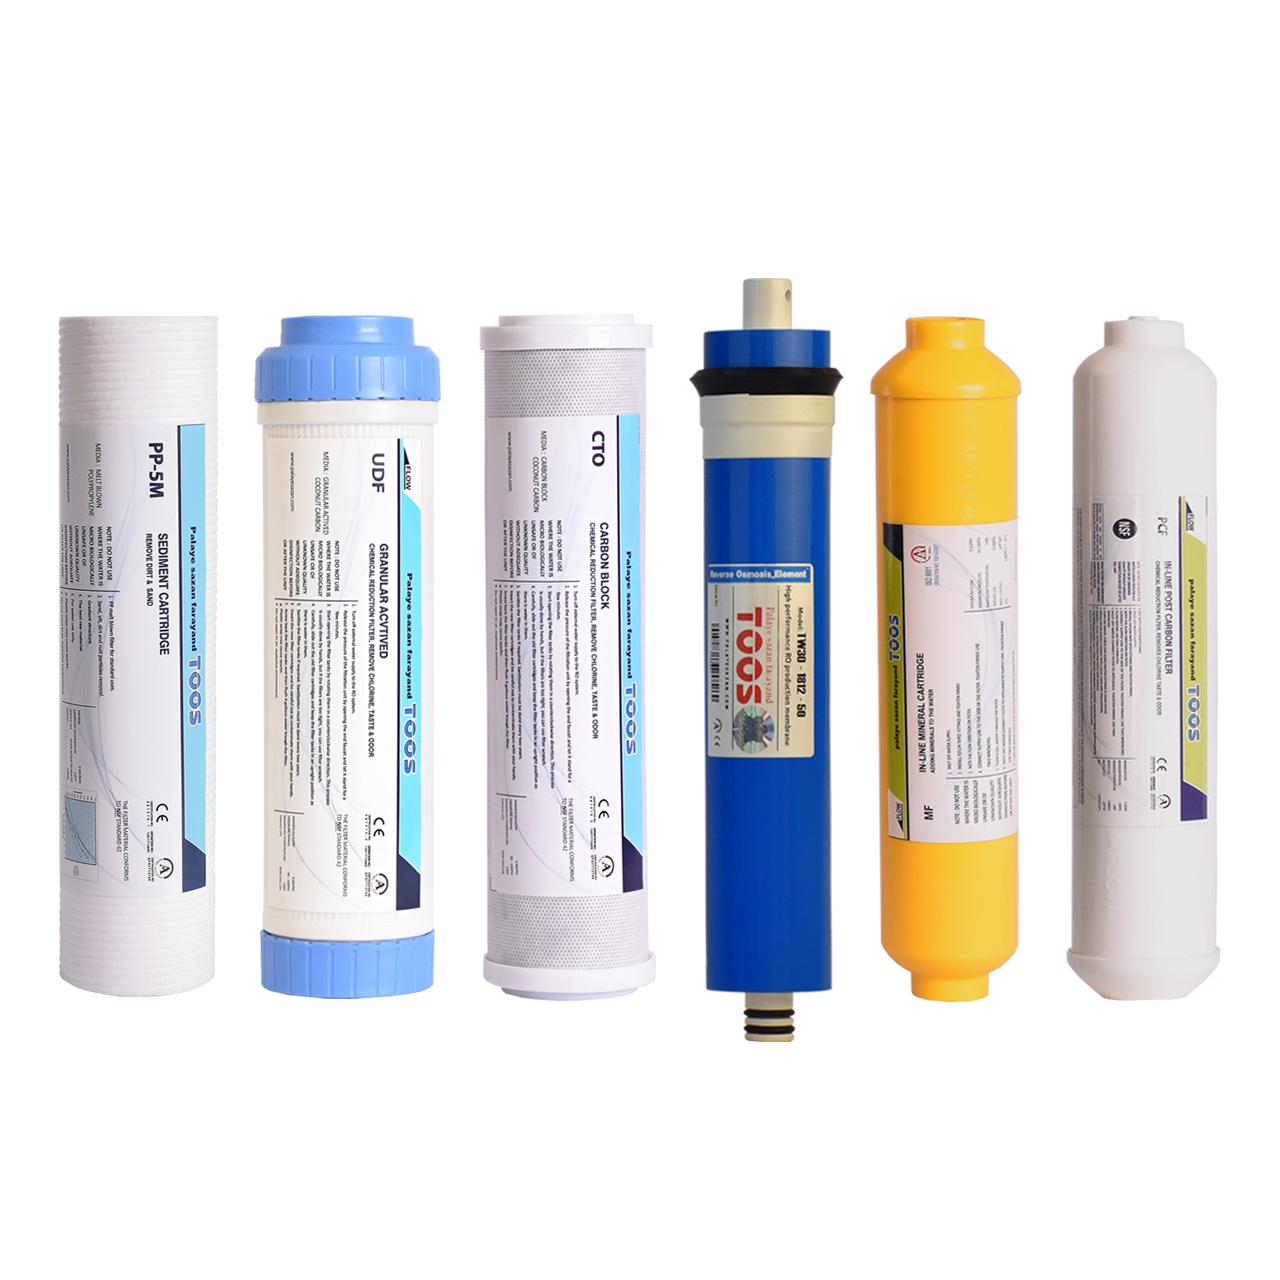 قیمت فیلتر دستگاه تصفیه کننده آب پالایه سازان